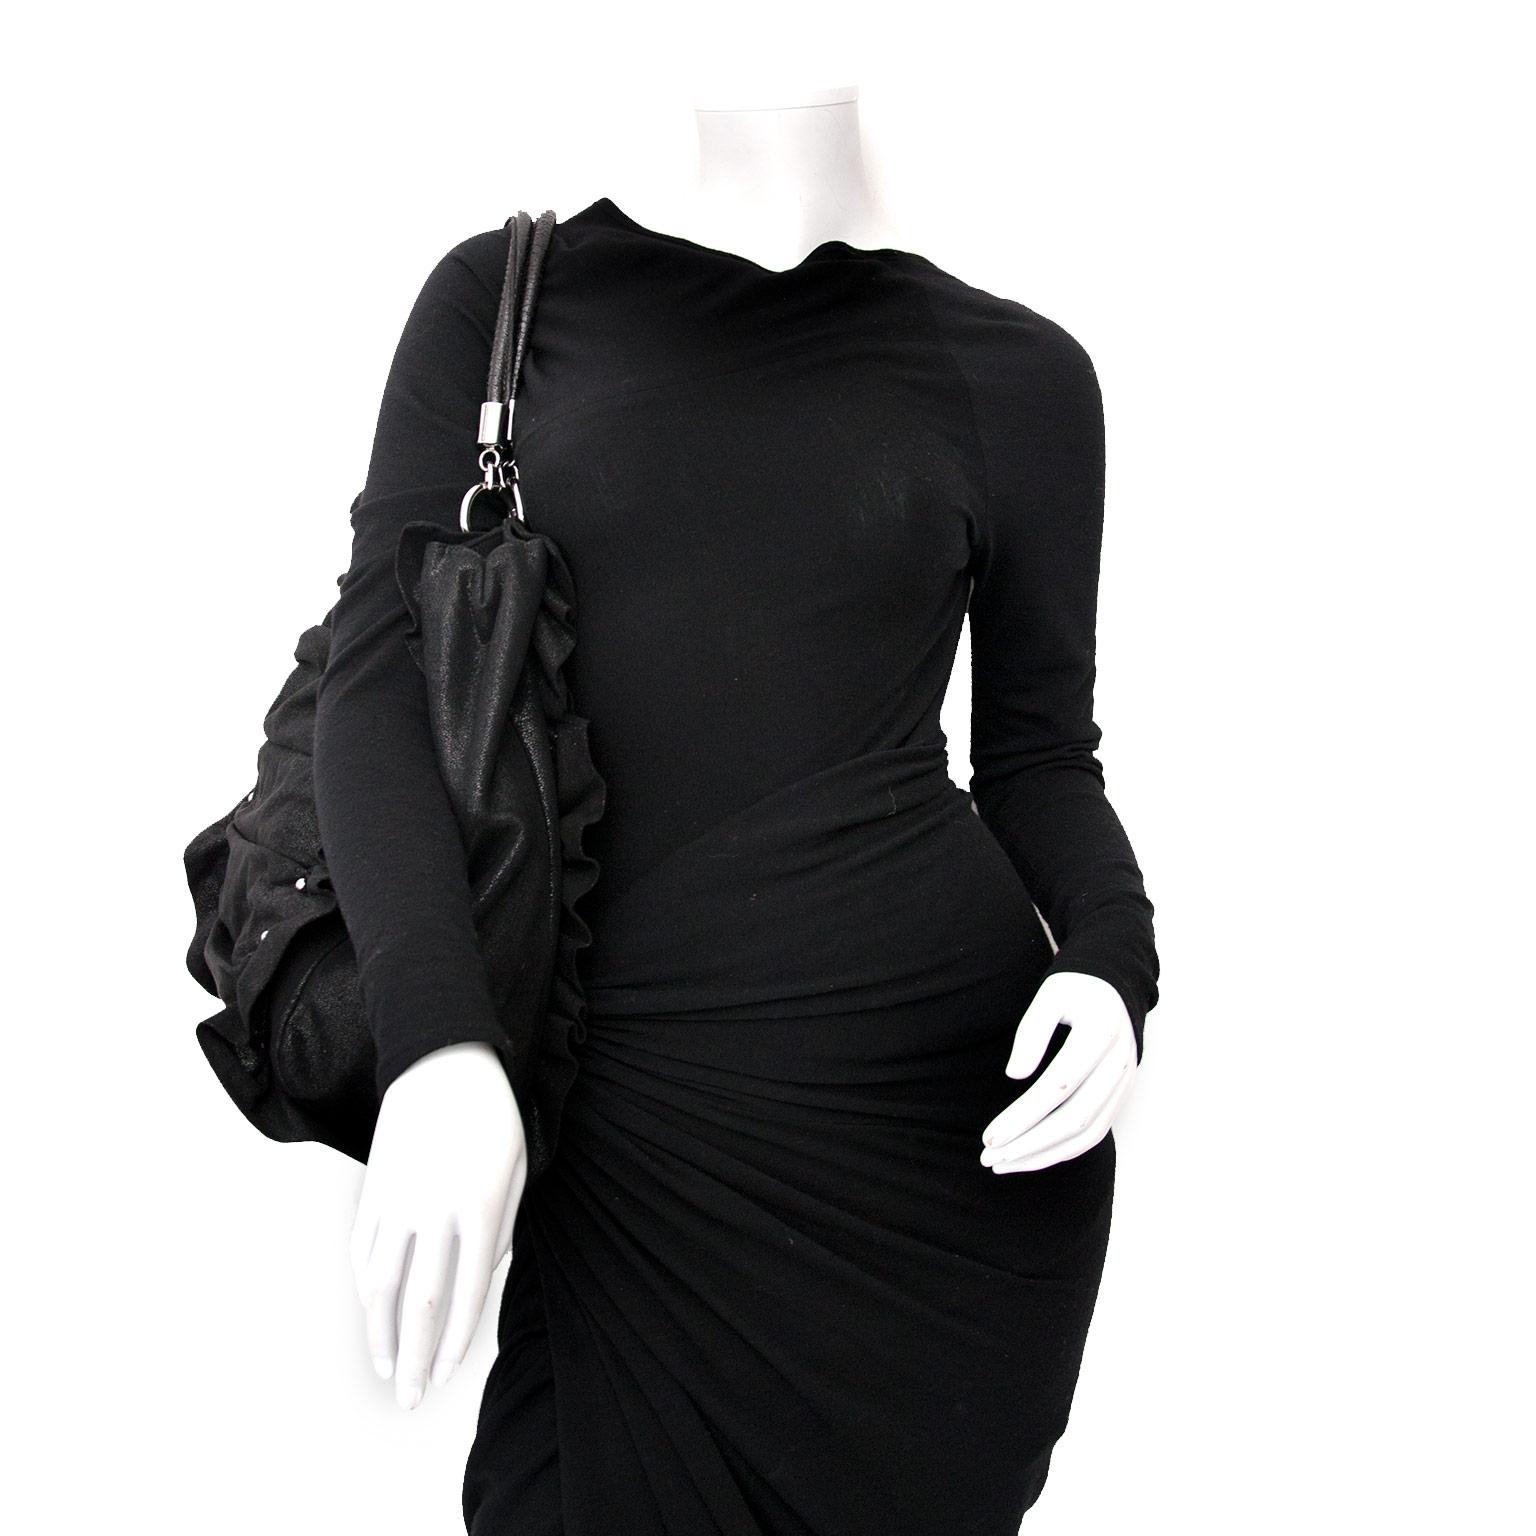 koop veilig online aan de beste prijs Stella Mccartney Rufle Shopping Tote